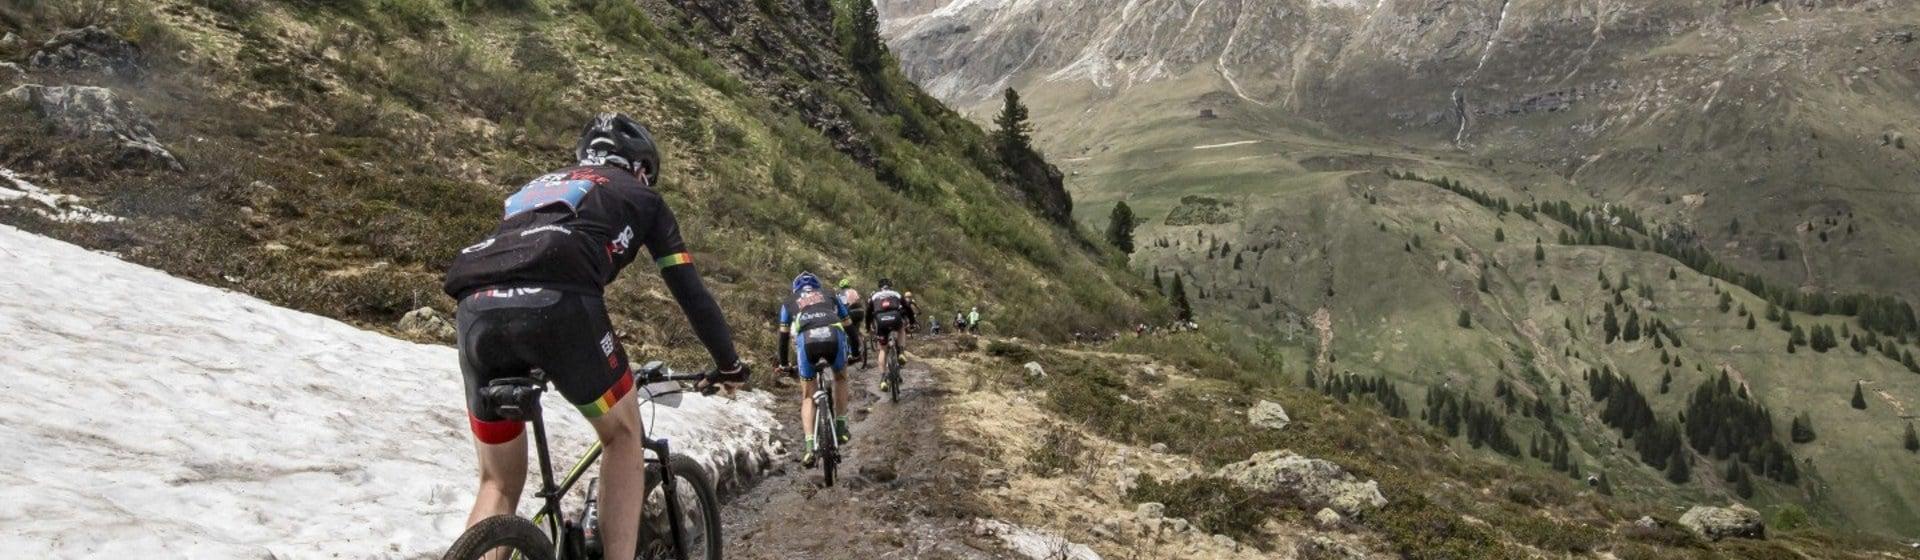 12.06.2021 Renndurchgang HERO Dolomites